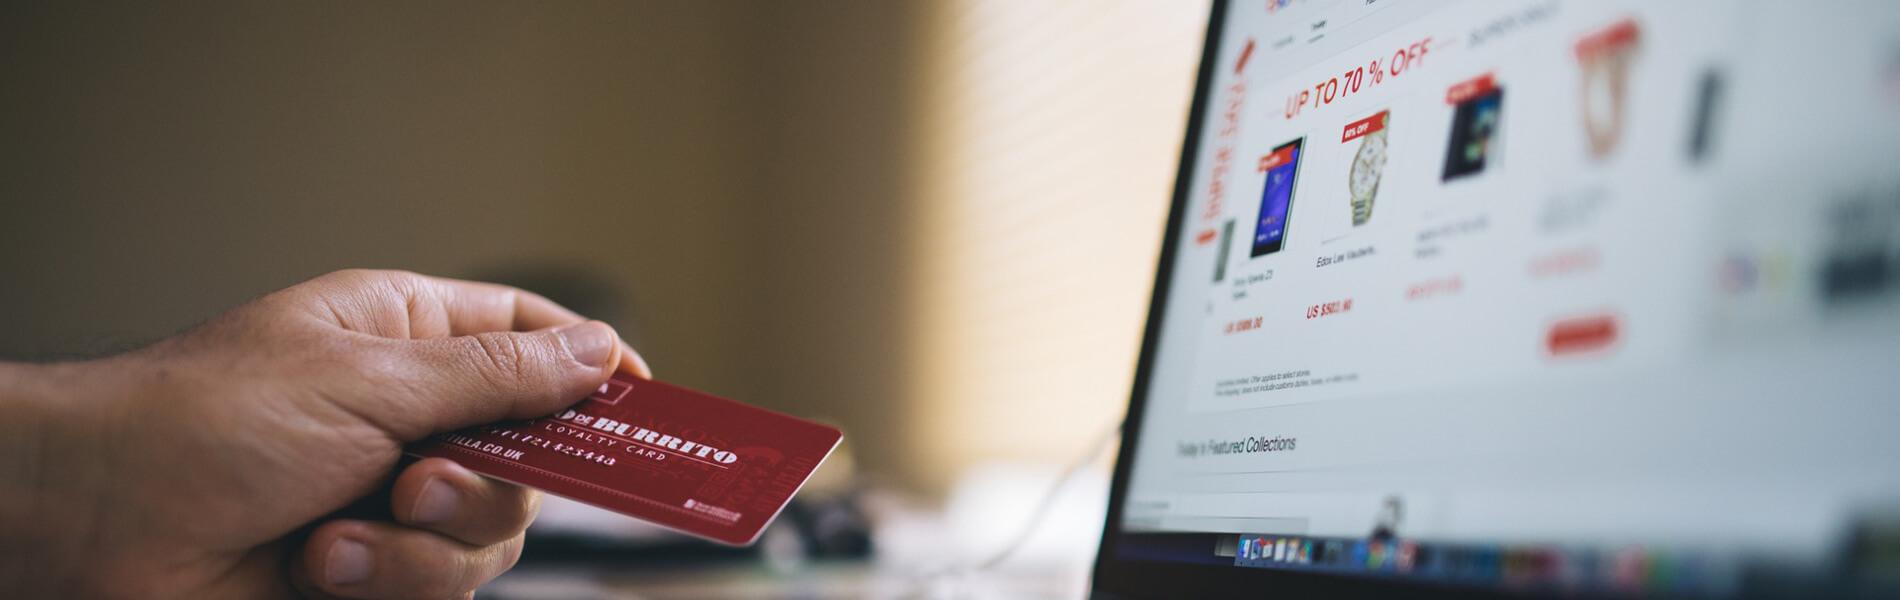 Tworzenie stron oraz sklepów internetowych dla małych przedsiębiorstw